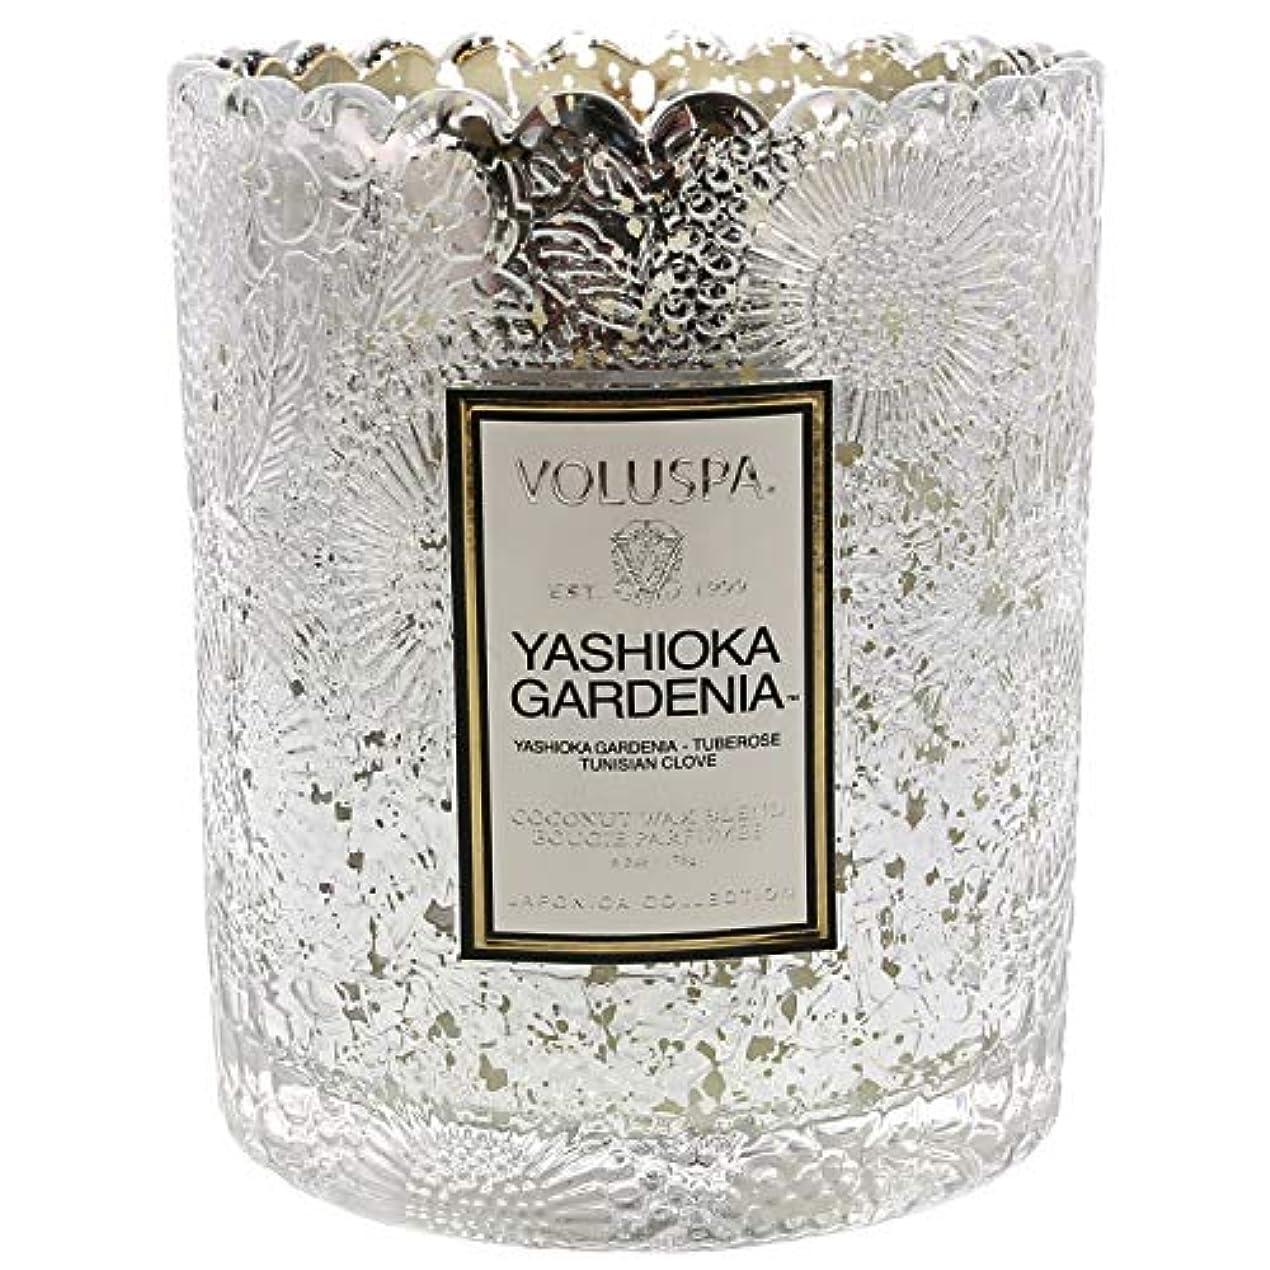 状陸軍抗議Voluspa ボルスパ ジャポニカ リミテッド スカラップグラスキャンドル  ヤシオカガーデニア YASHIOKA GARDENIA JAPONICA Limited SCALLOPED EDGE Glass Candle